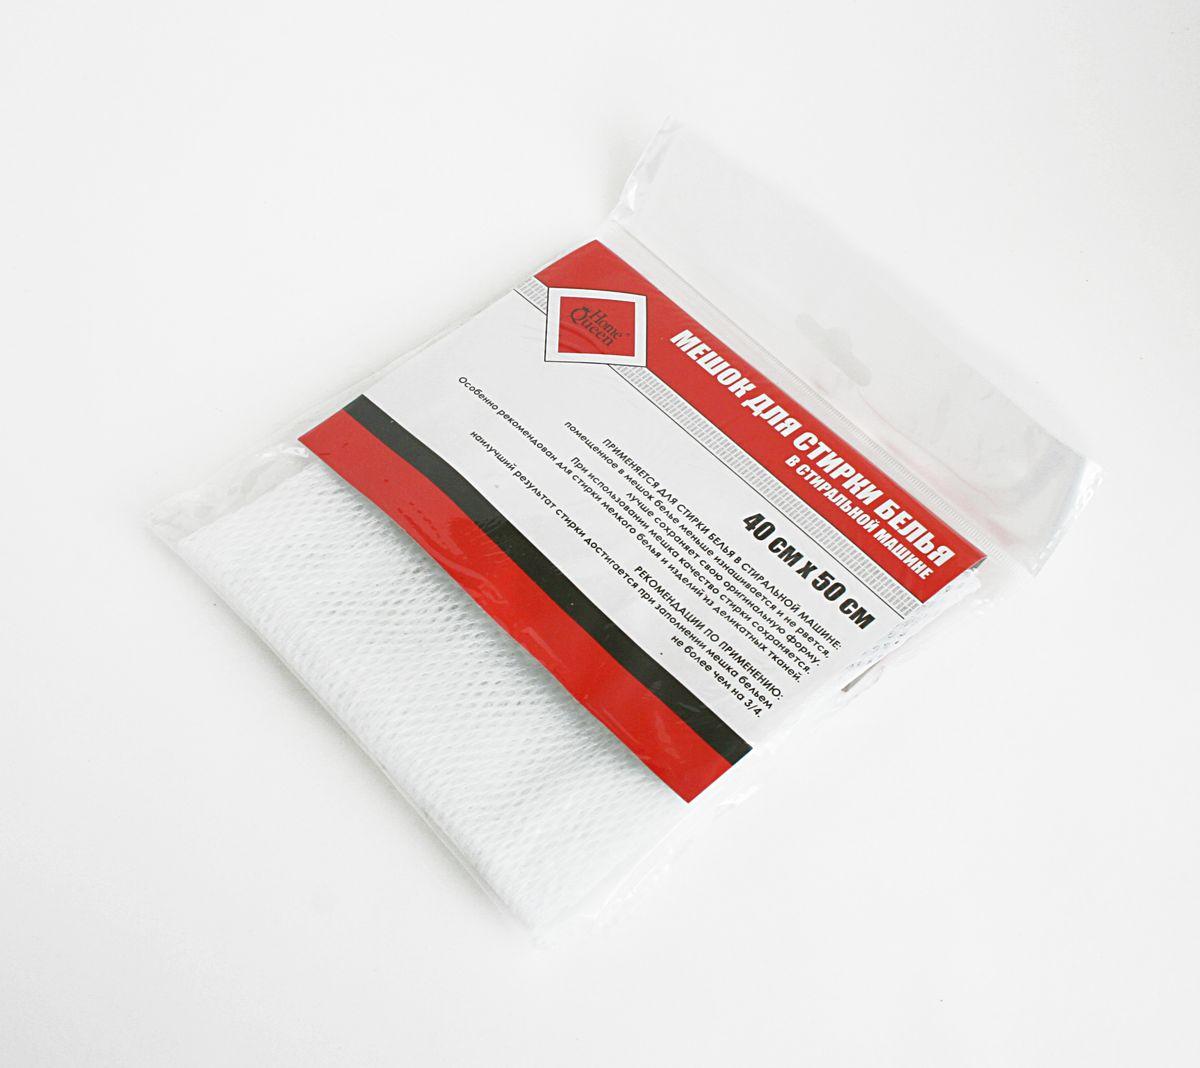 Мешок для стирки белья Home Queen, цвет: белый, 40 см х 50 см50352Мешок Home Queen на молнии для стирки белья изготовлен из полиэстера. Применяется для стирки белья в стиральной машине. При использовании мешка качество стирки сохраняется. Оптимальный результат стирки достигается при заполнении мешка не более чем на 3/4. Помещенное в мешок белье меньше изнашивается и не рвется, лучше сохраняет свою оригинальную форму. Изделие особенно рекомендовано для стирки мелкого белья и изделий из деликатных тканей. Мешок Home Queen идеален для предотвращения попадания мелких предметов (пуговиц, ниток, кнопок) в механизм стиральной машины. Размер: 40 см х 50 см.